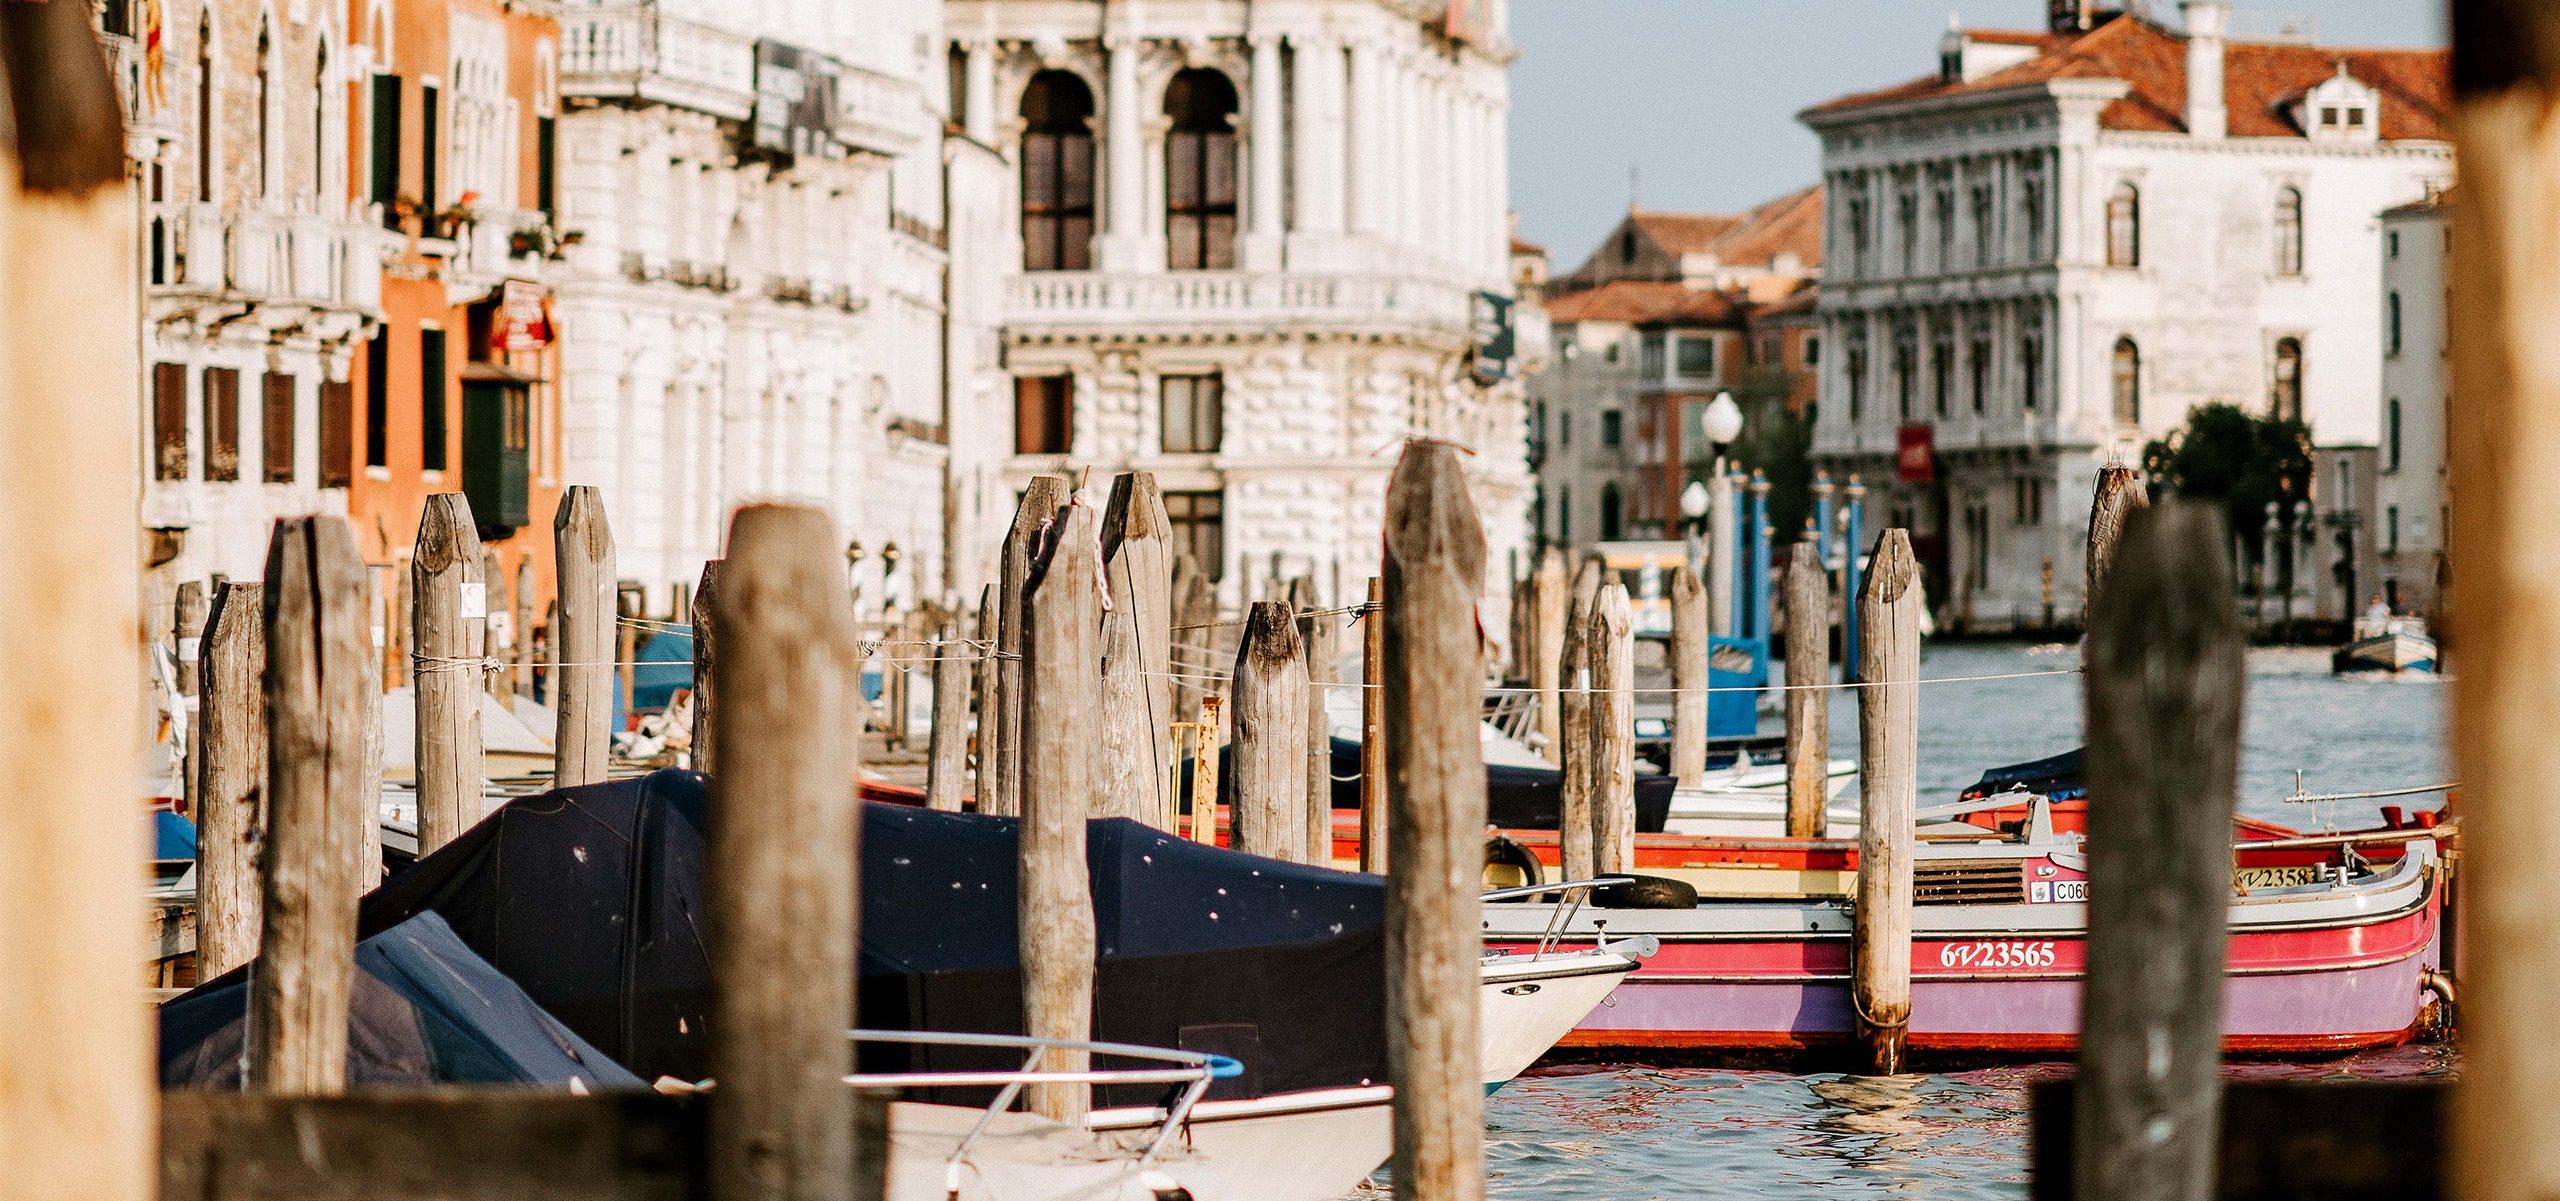 Italy-Venice-Boats